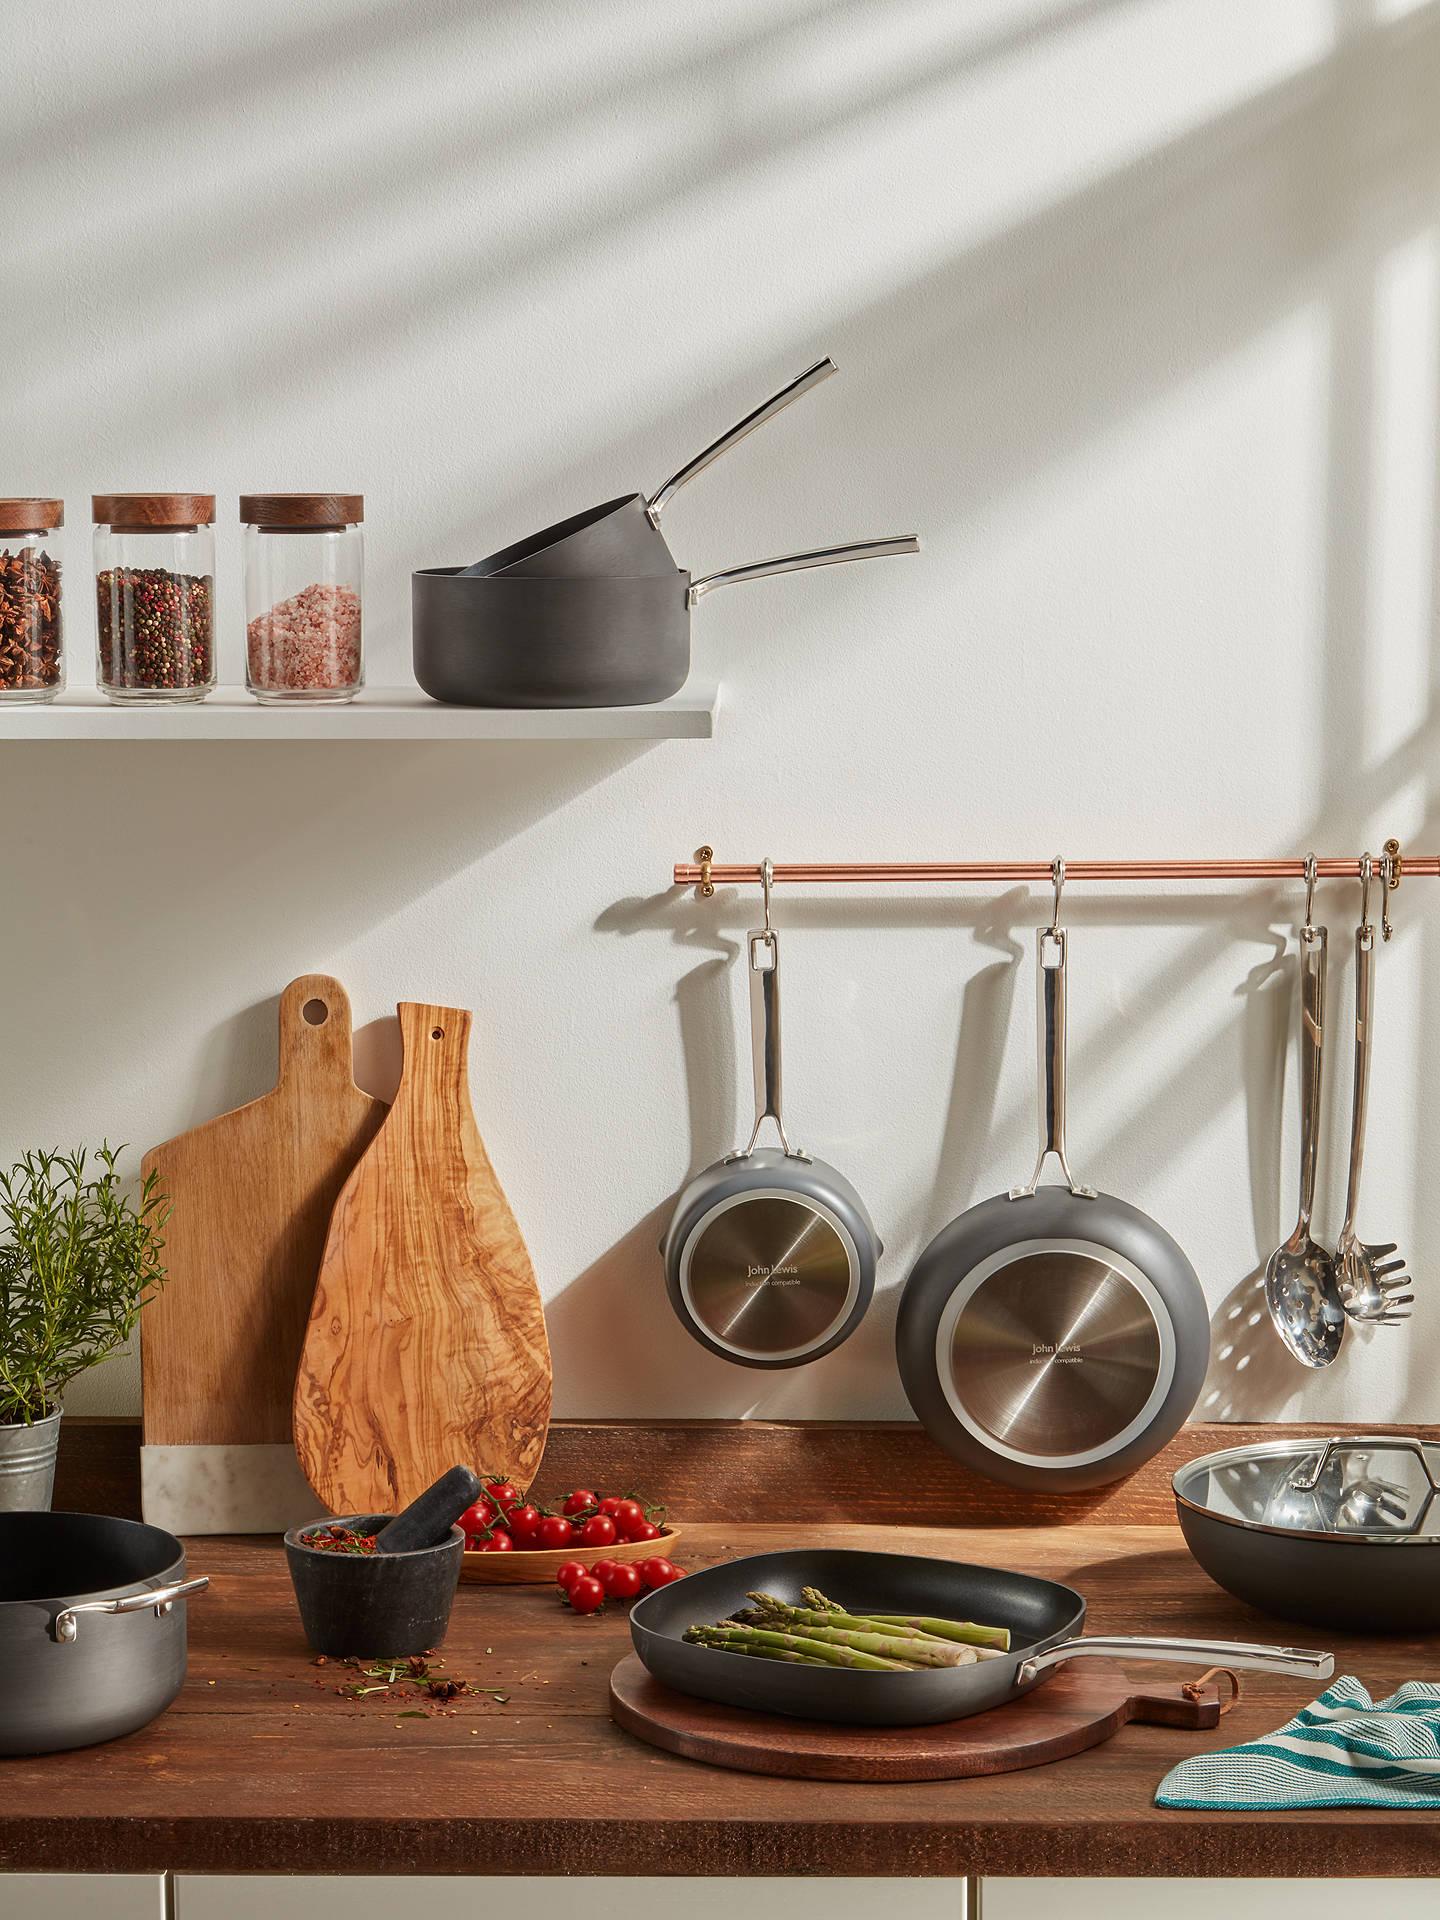 John Lewis & Partners Hard Anodised Aluminium Non-Stick Saucepan/Frying Pan  Set, 11 Pieces